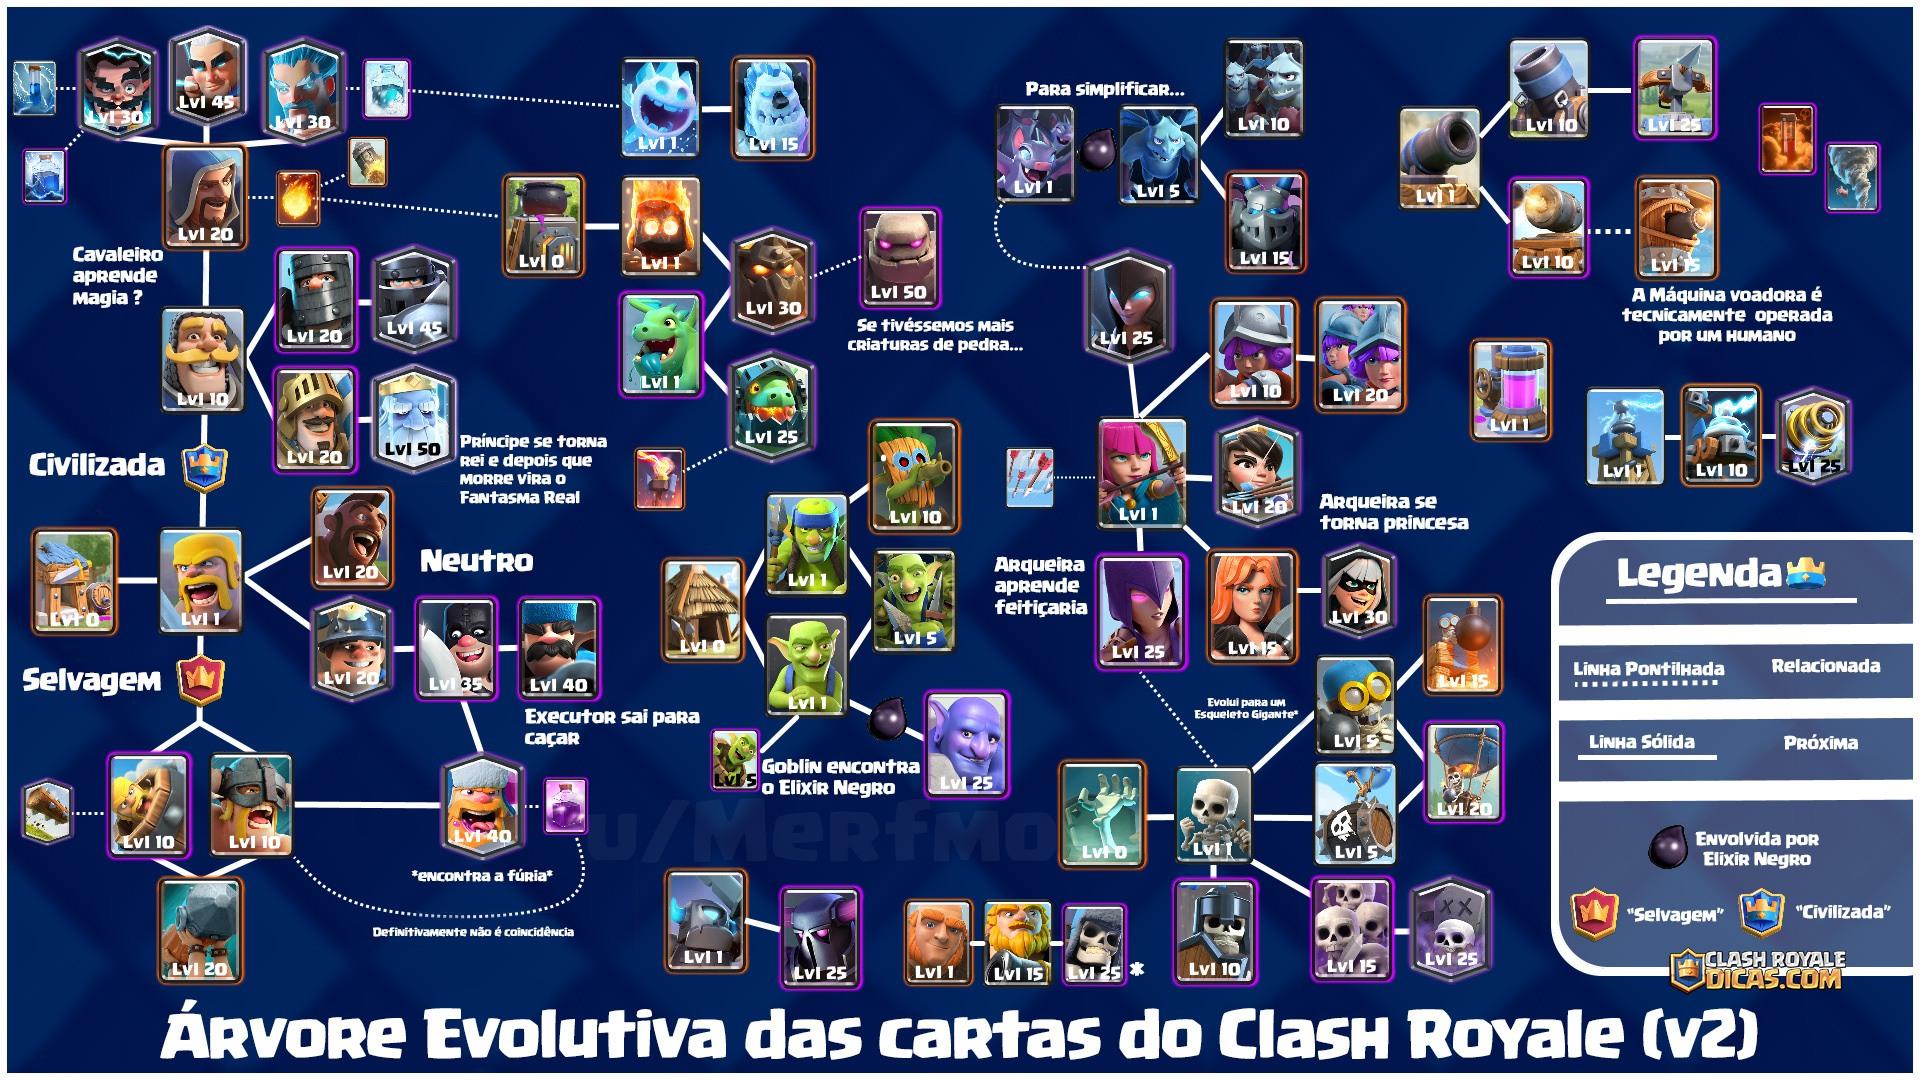 Árvore de Evolução das cartas no Clash Royale - 1